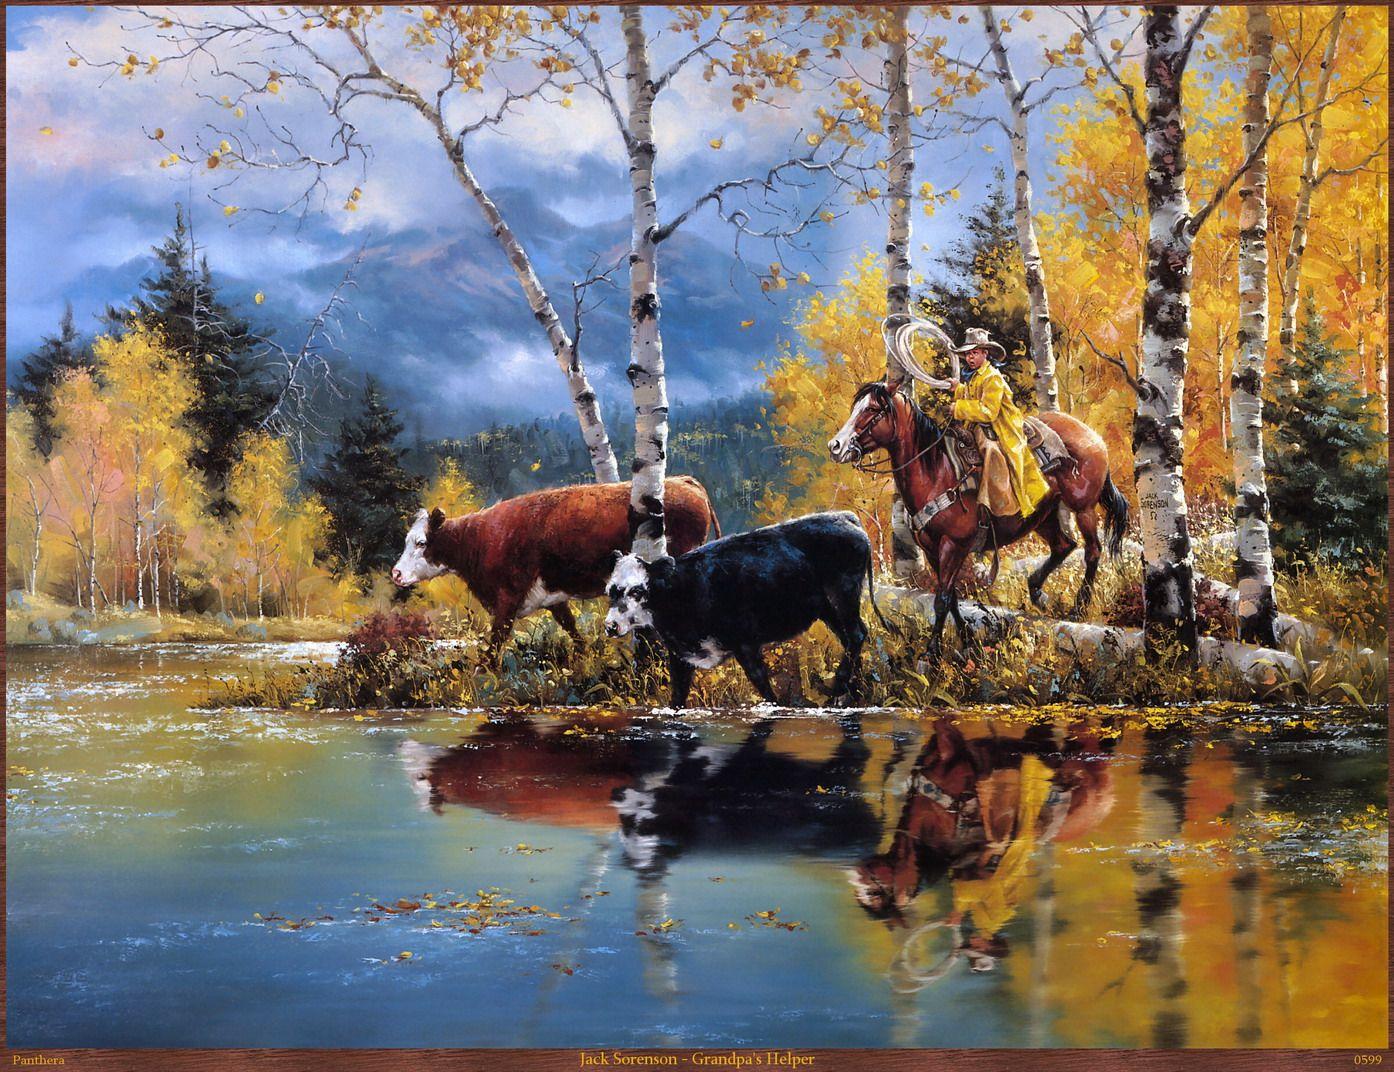 Image fond cran printemps country recherche google for Recherche fond ecran